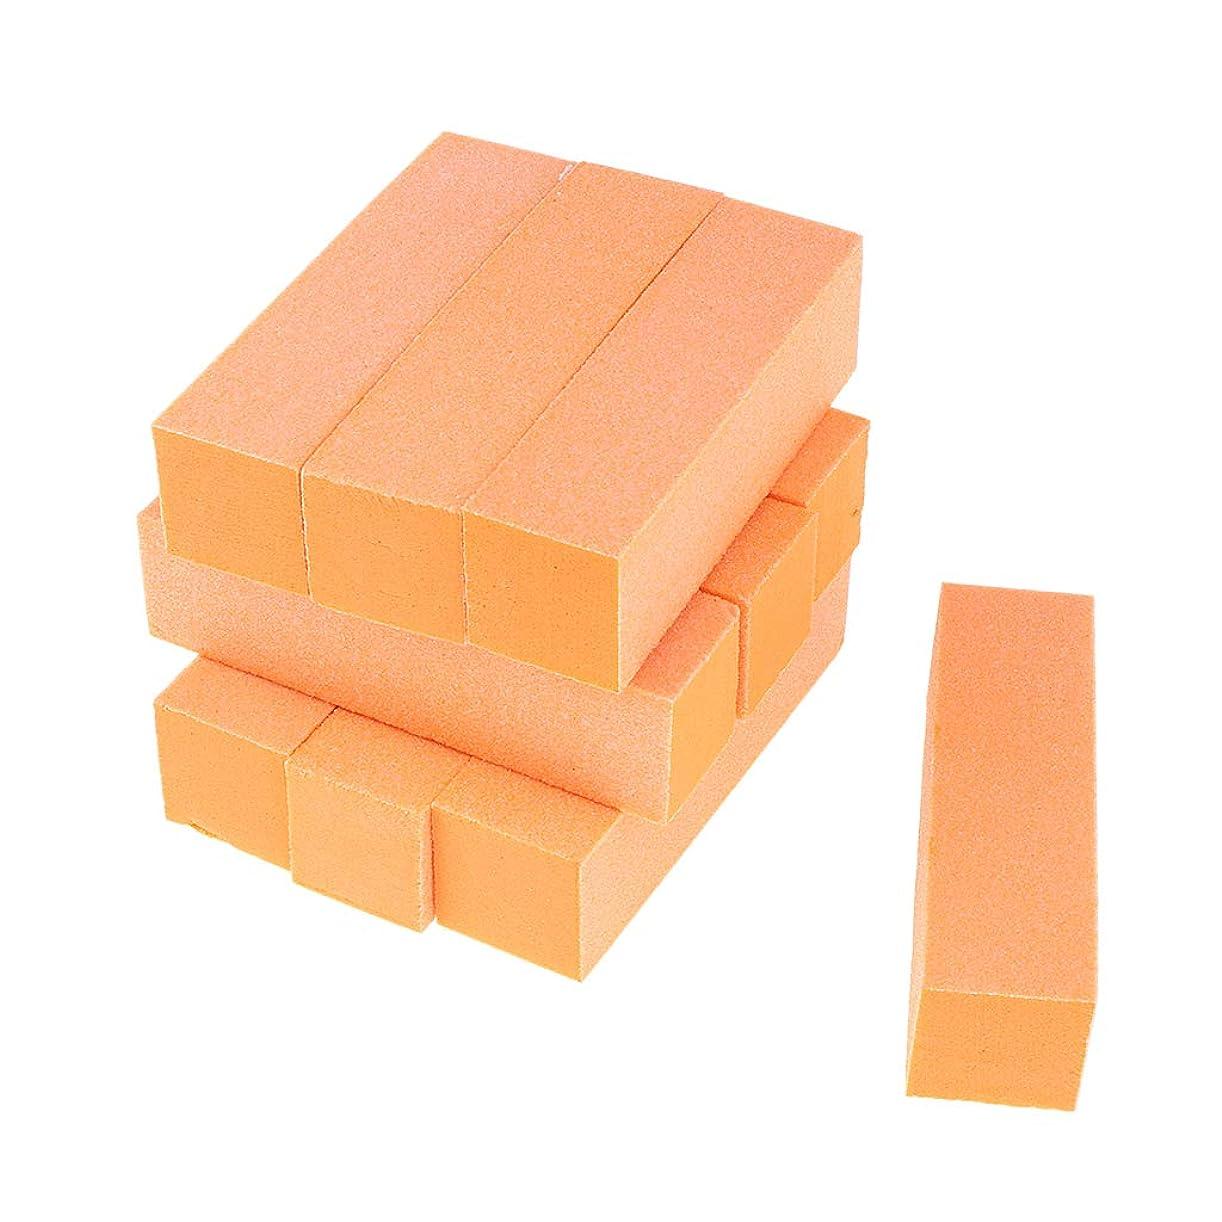 禁止気まぐれな巧みなToygogo 両面ネイルバッファーネイルシャイナースポンジネイルファイルサンディングブロック-ソフト&シルキー、10個-作成された滑らかで美しいネイル - オレンジ